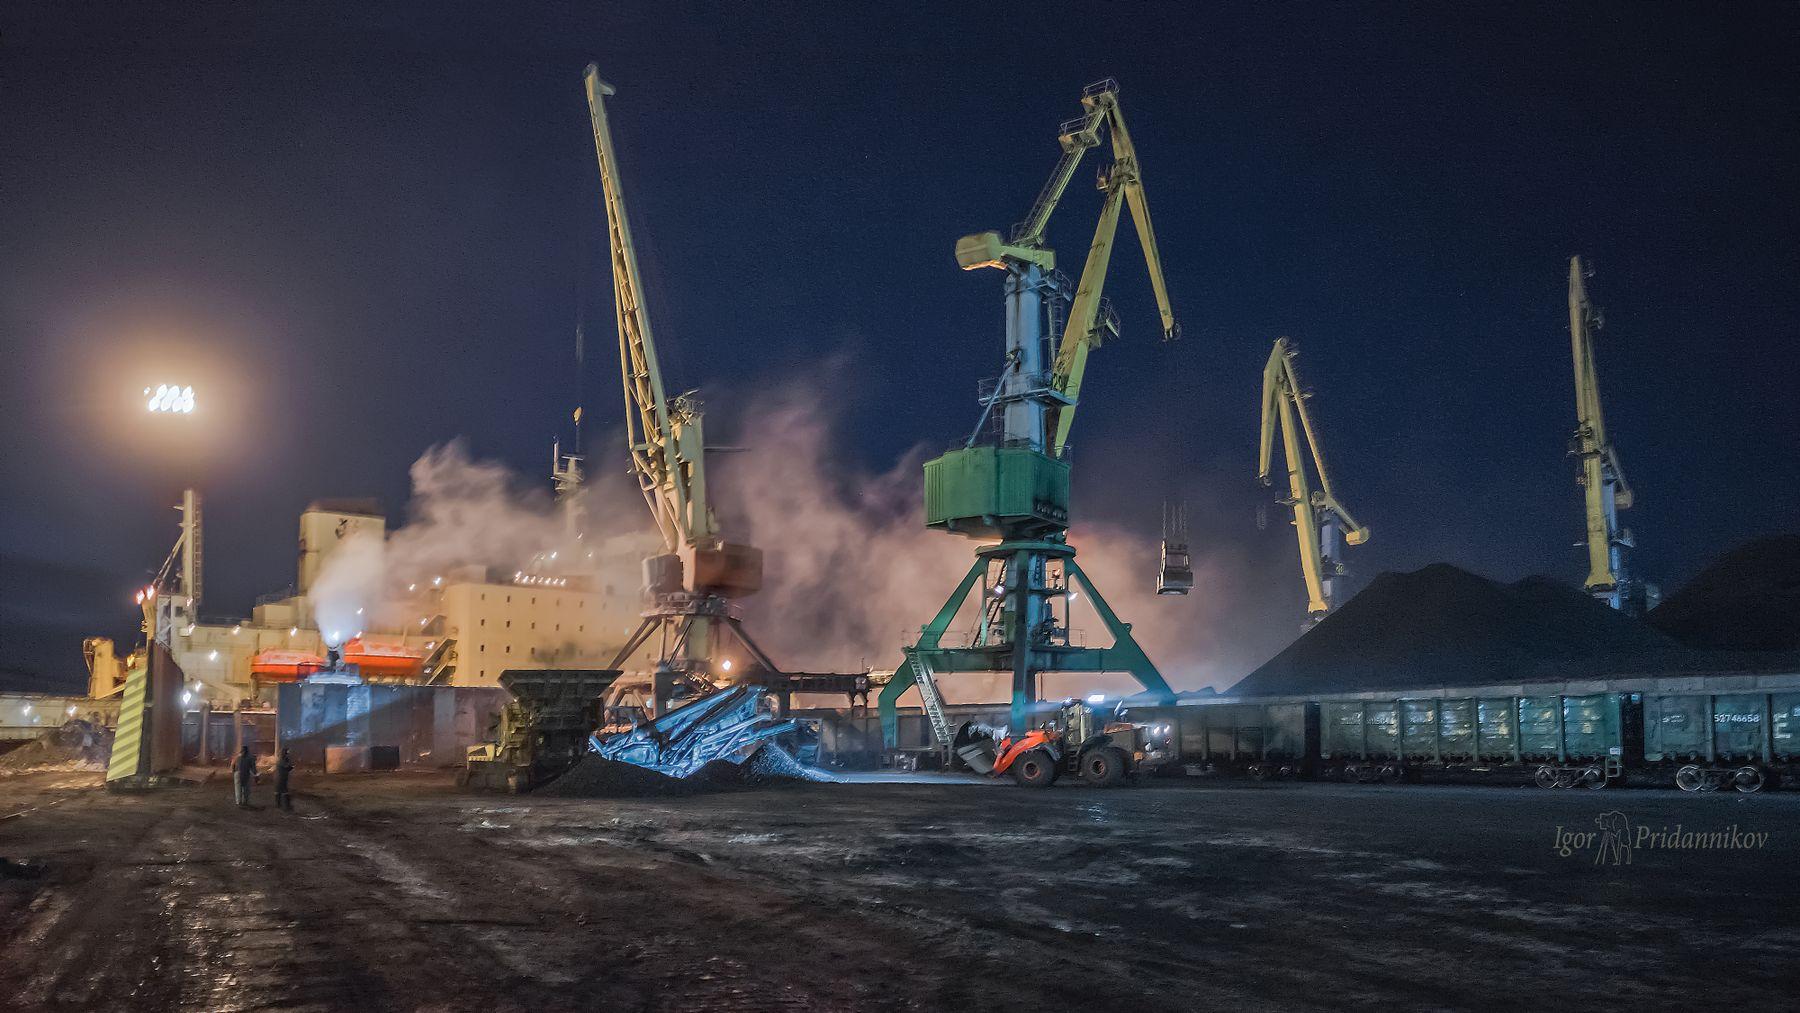 Работа кипит мурманск ночь порт